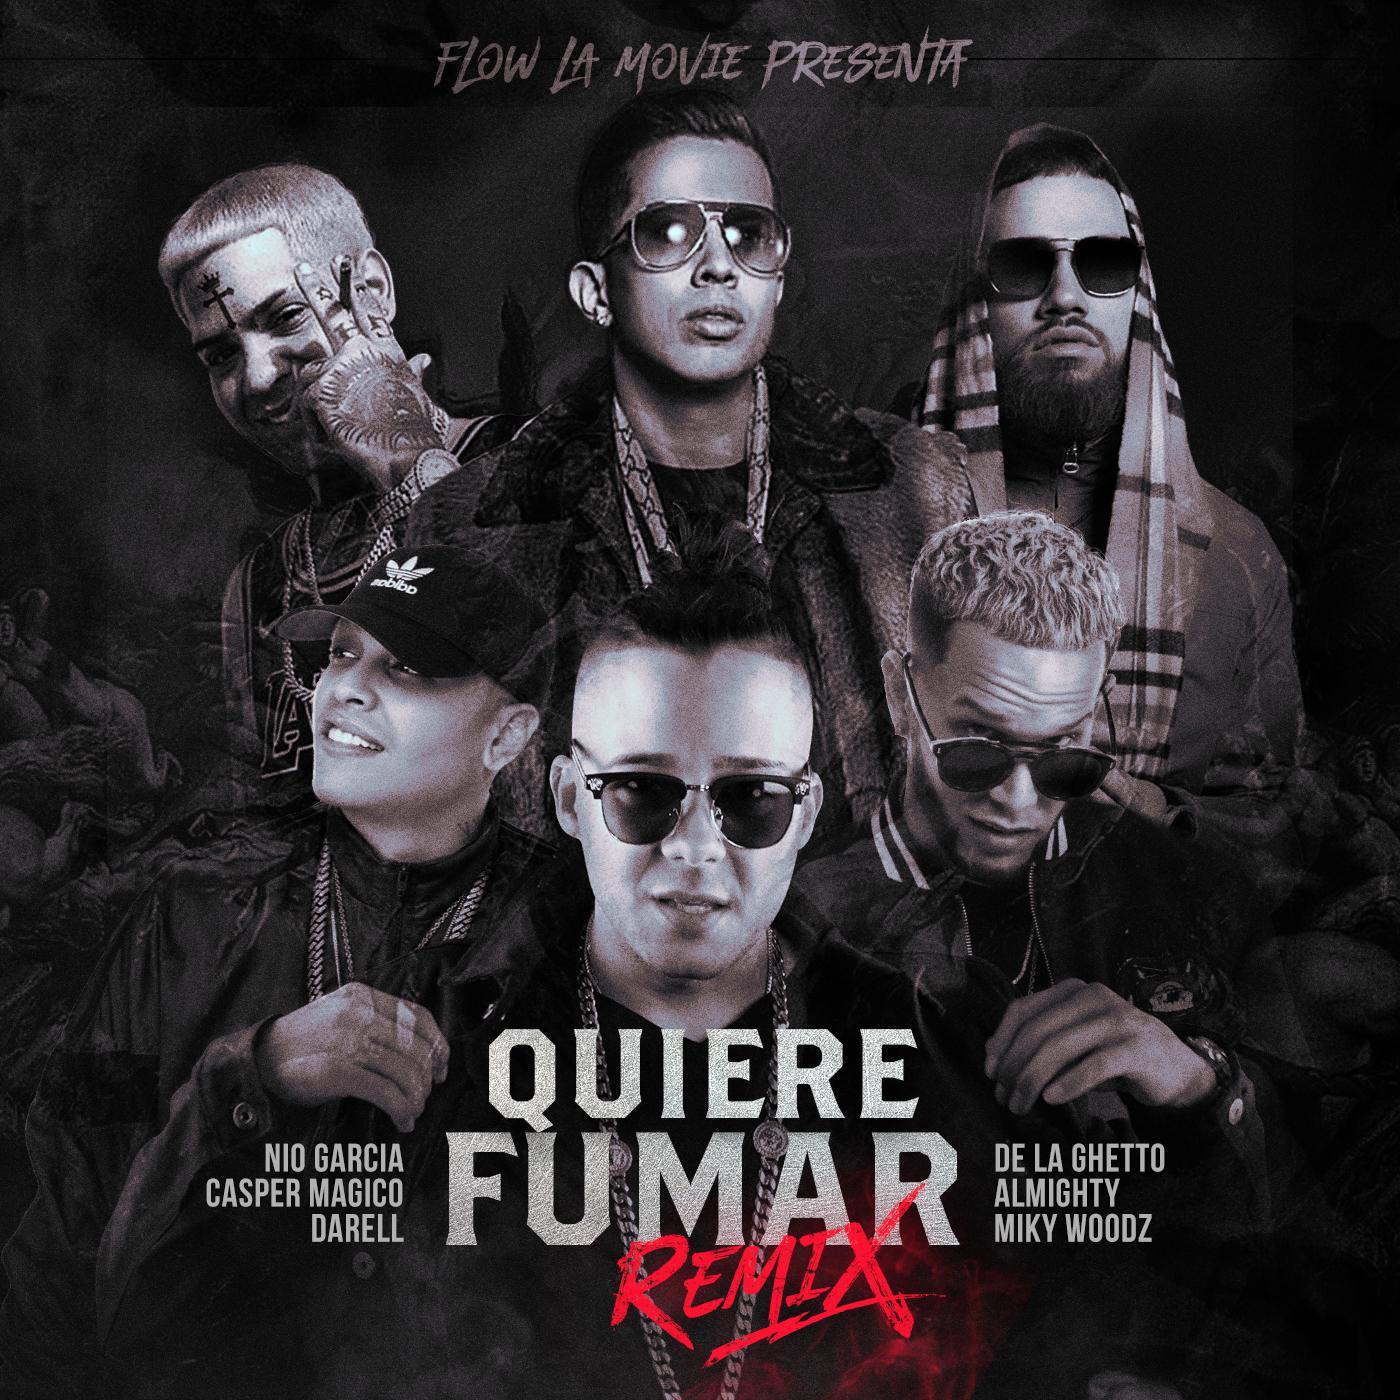 QUIERE - Nio Garcia, Casper Magico, Darell, De La Ghetto, Miky Woodz y Almighty - Quiere Fumar (Official Remix)